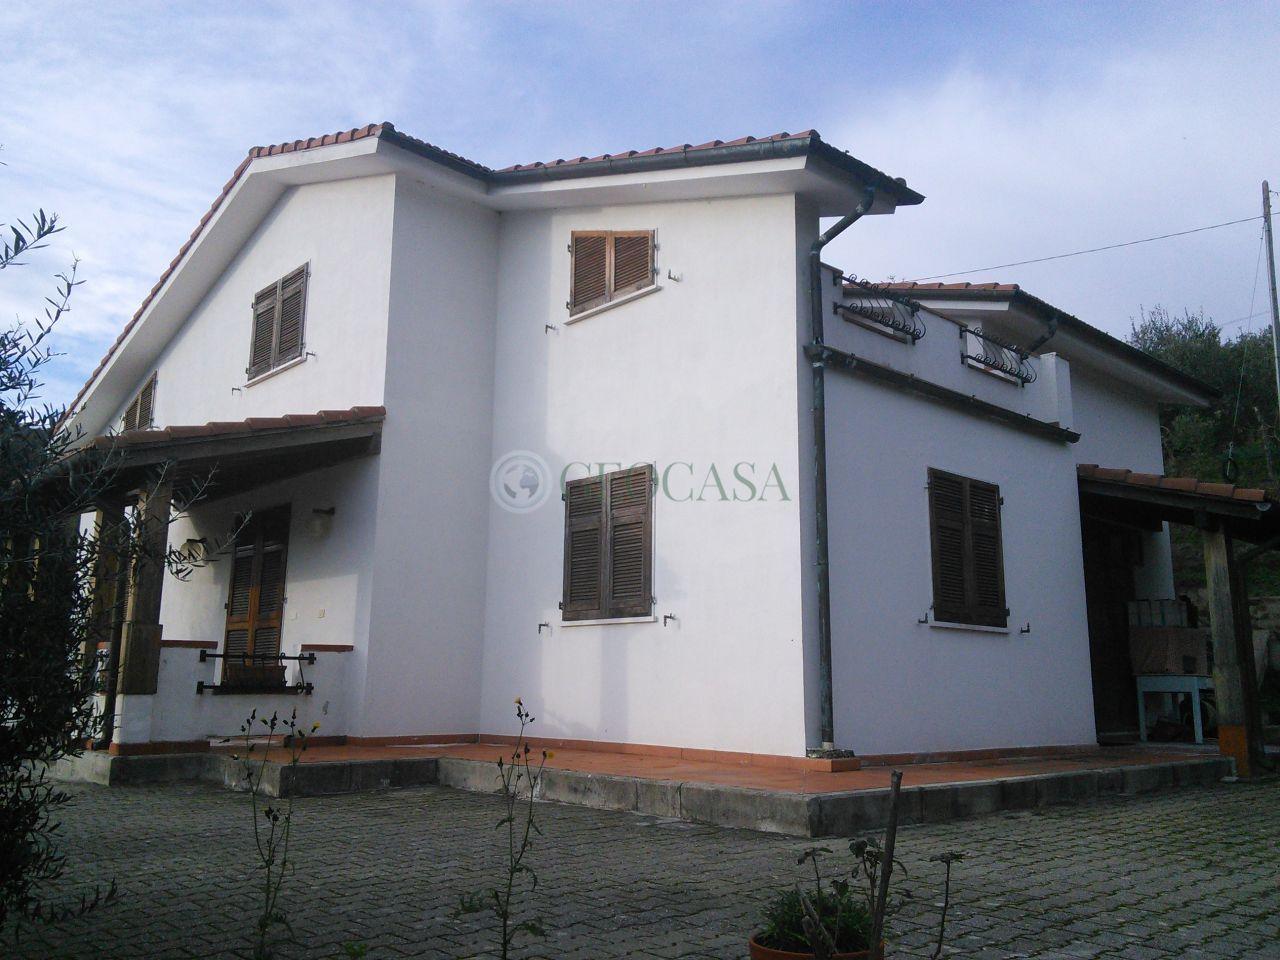 Soluzione Indipendente in vendita a Vezzano Ligure, 10 locali, prezzo € 295.000 | Cambio Casa.it